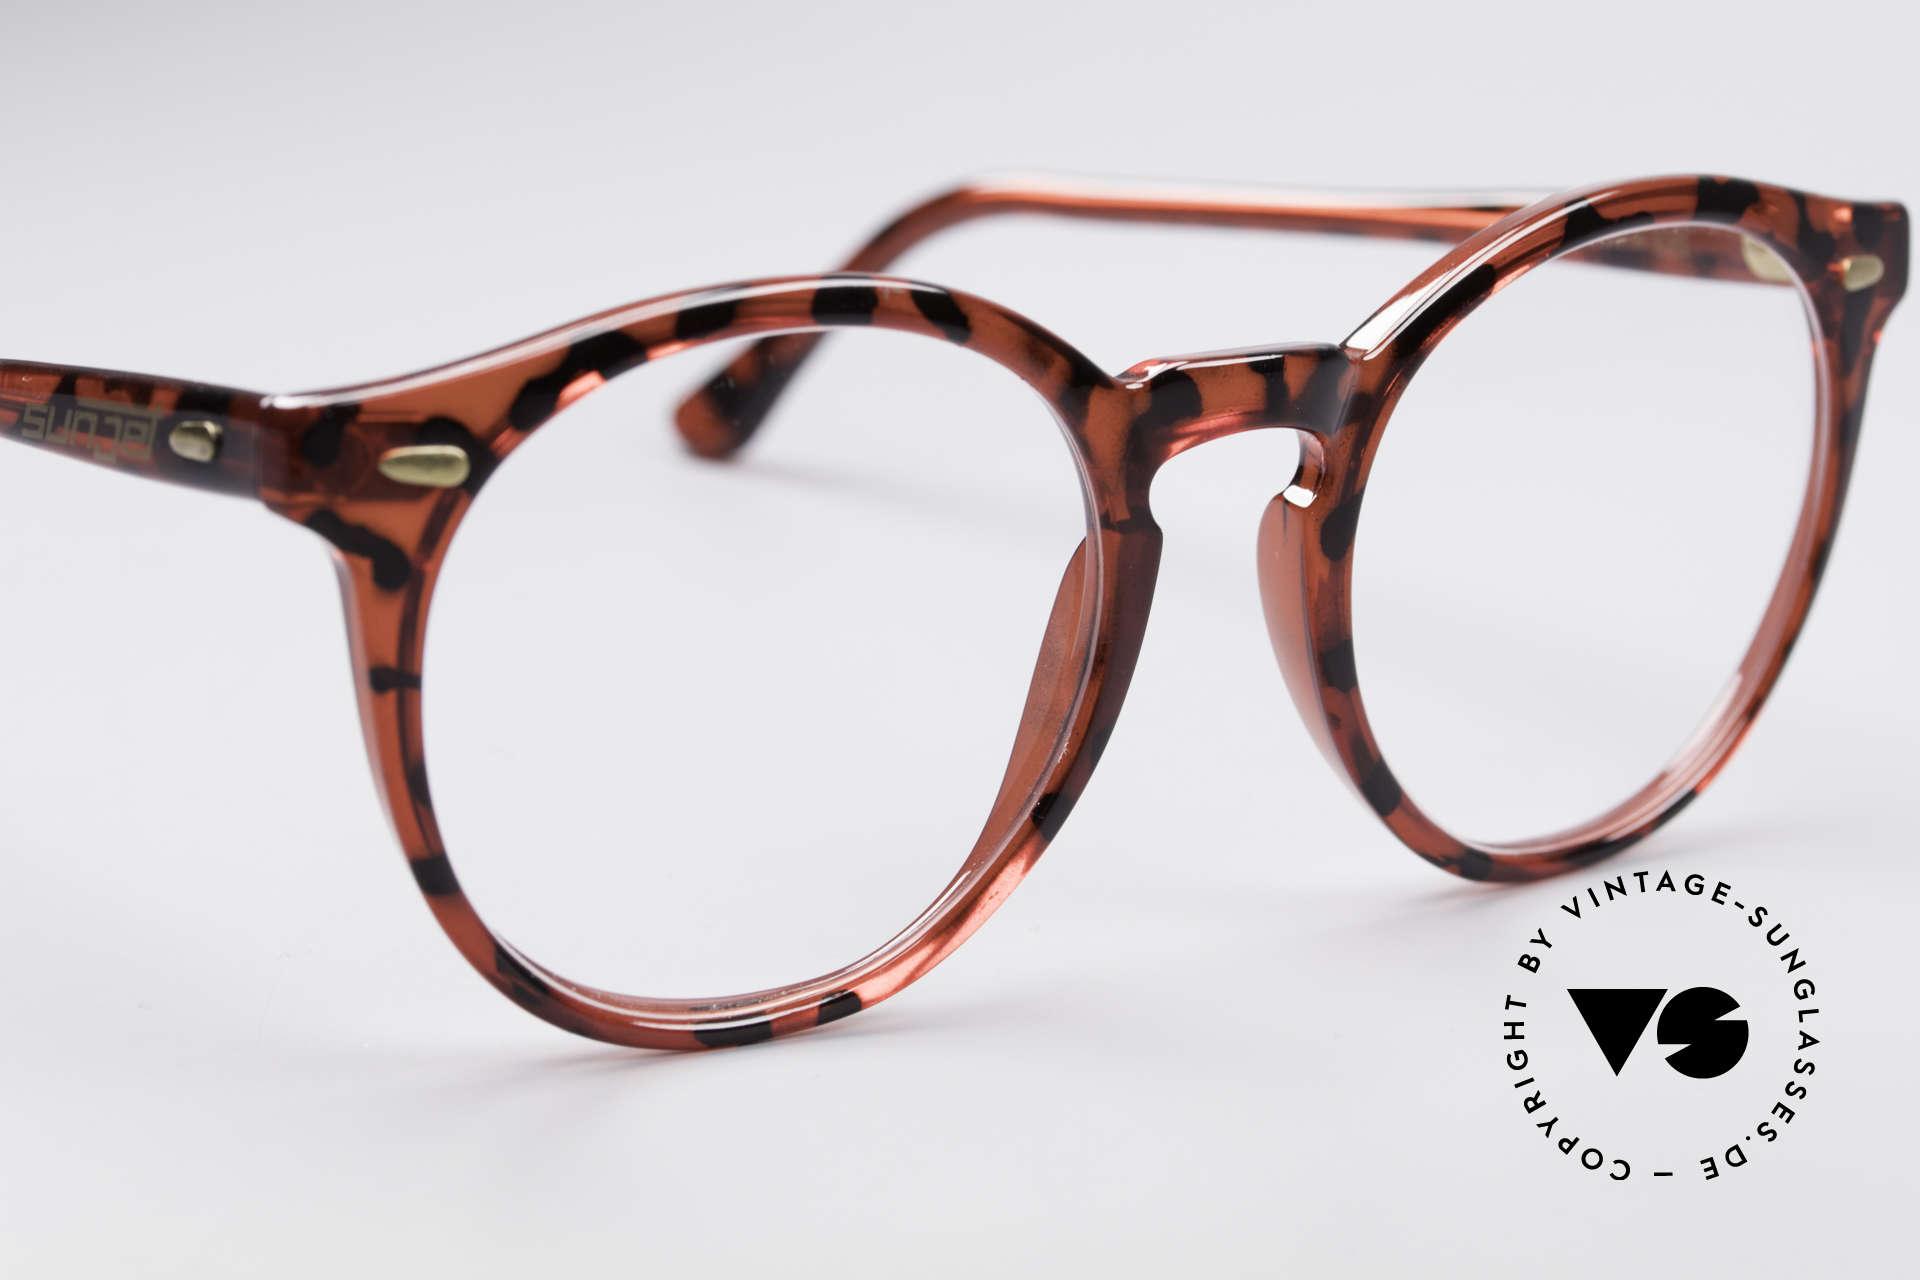 Carrera 5256 Johnny Depp Brille, relativ schmaler Rahmen; daher eher ein Unisex-Modell, Passend für Herren und Damen